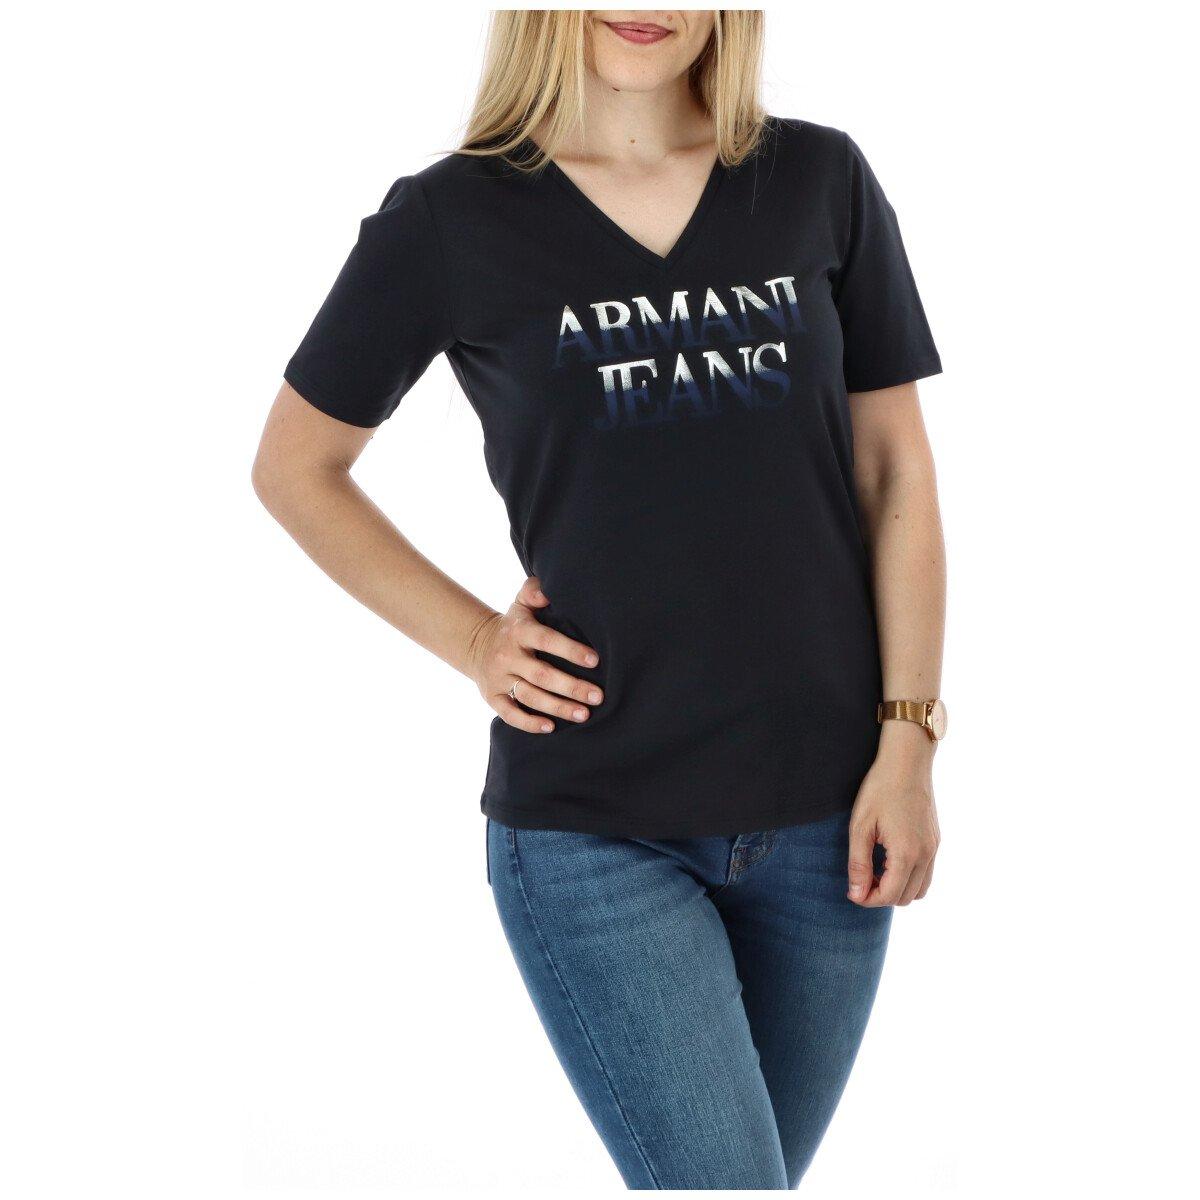 Armani Jeans Women's T-Shirt Various Colours 271608 - blue M